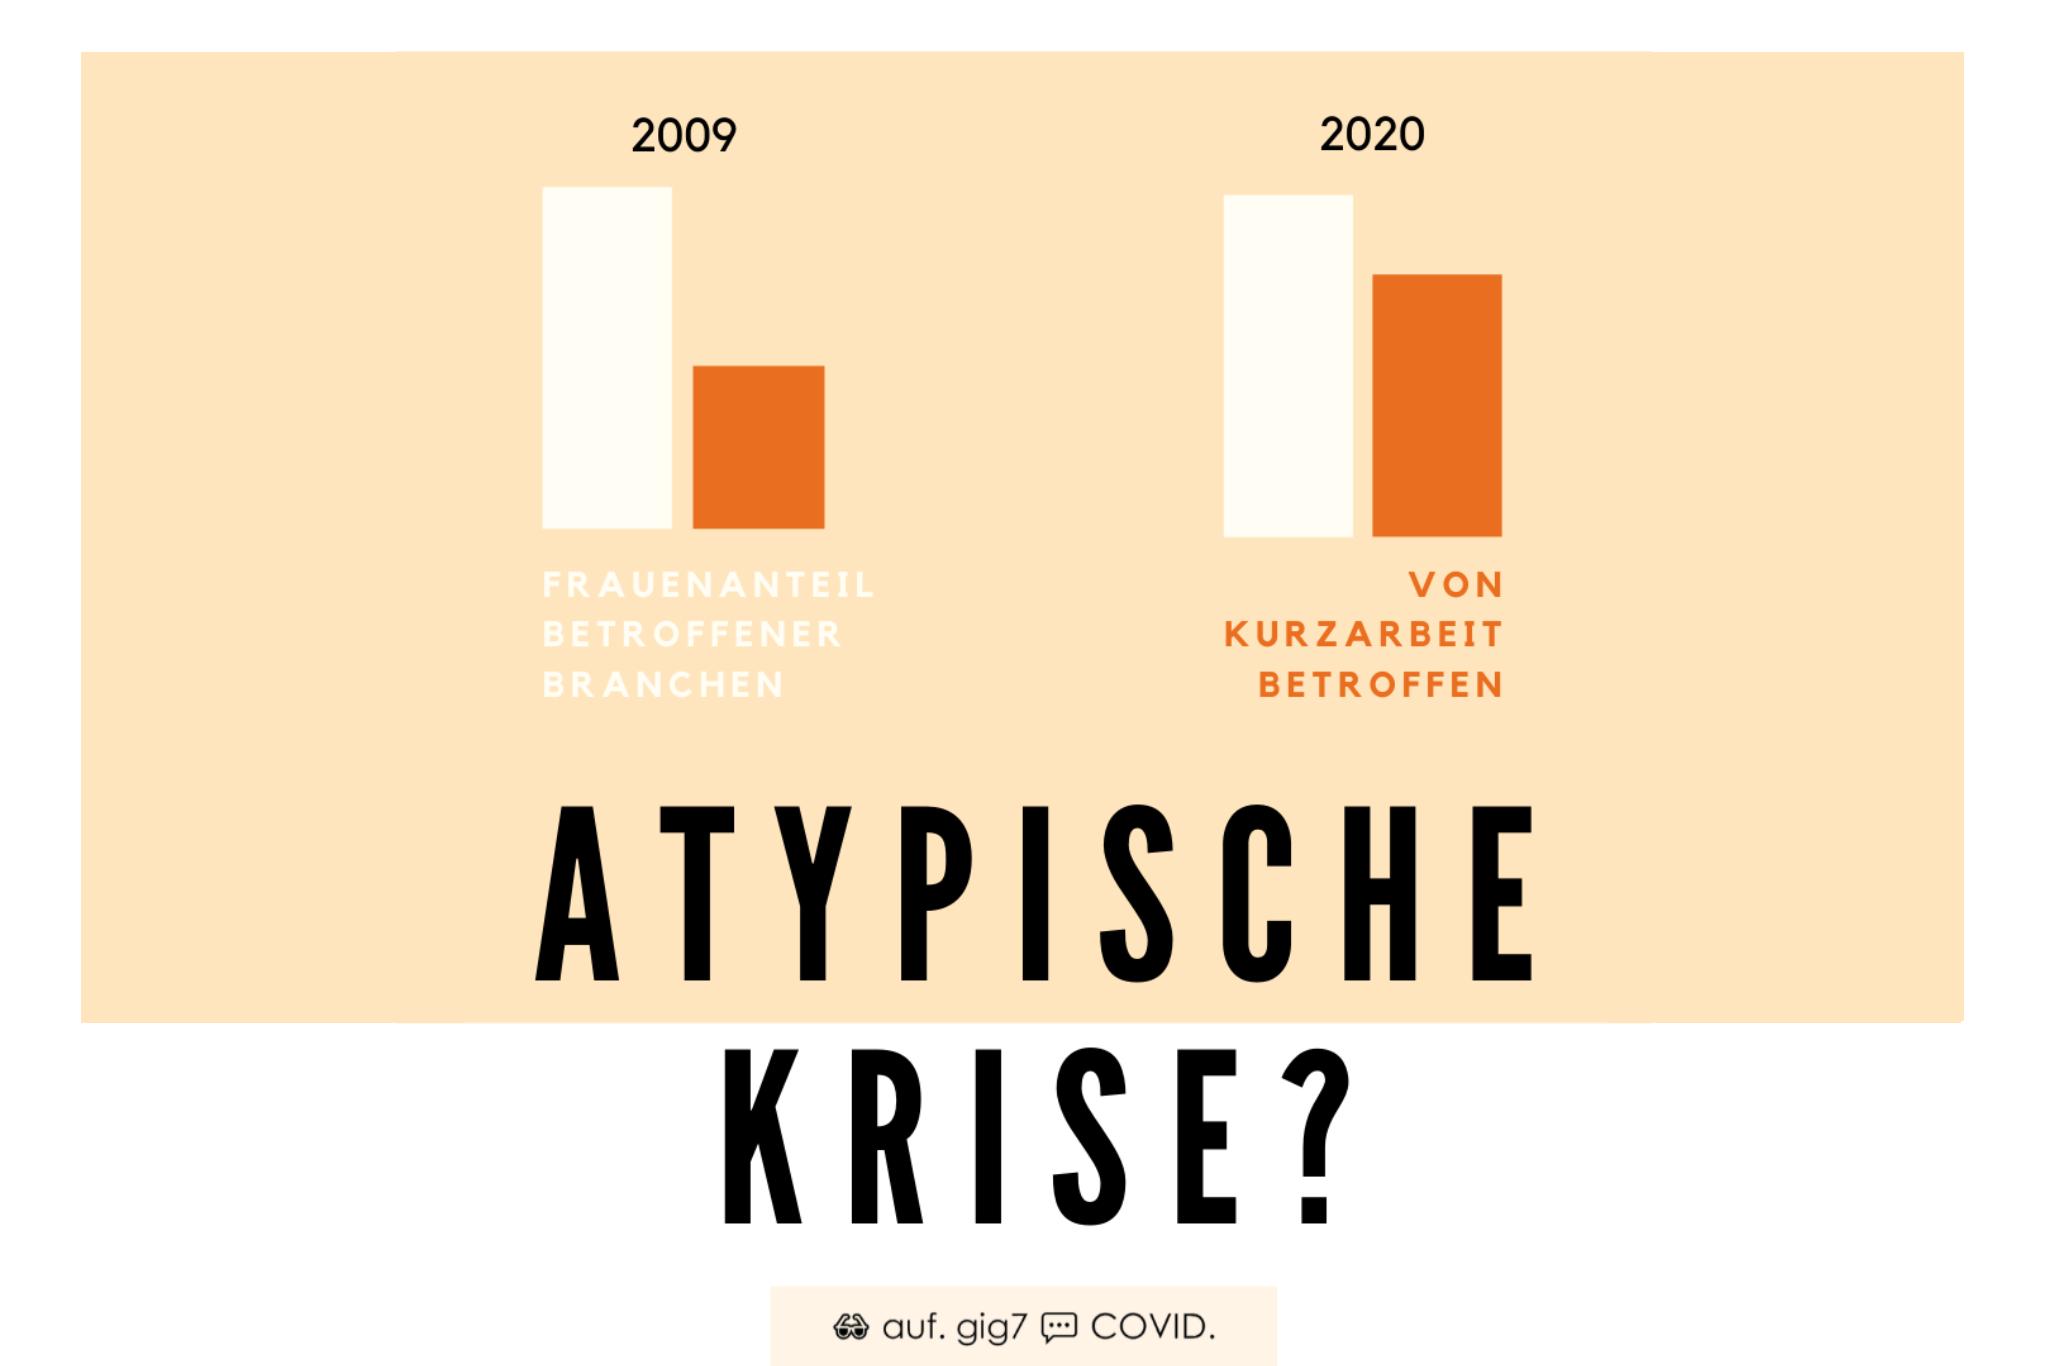 Eine atypische Krise?